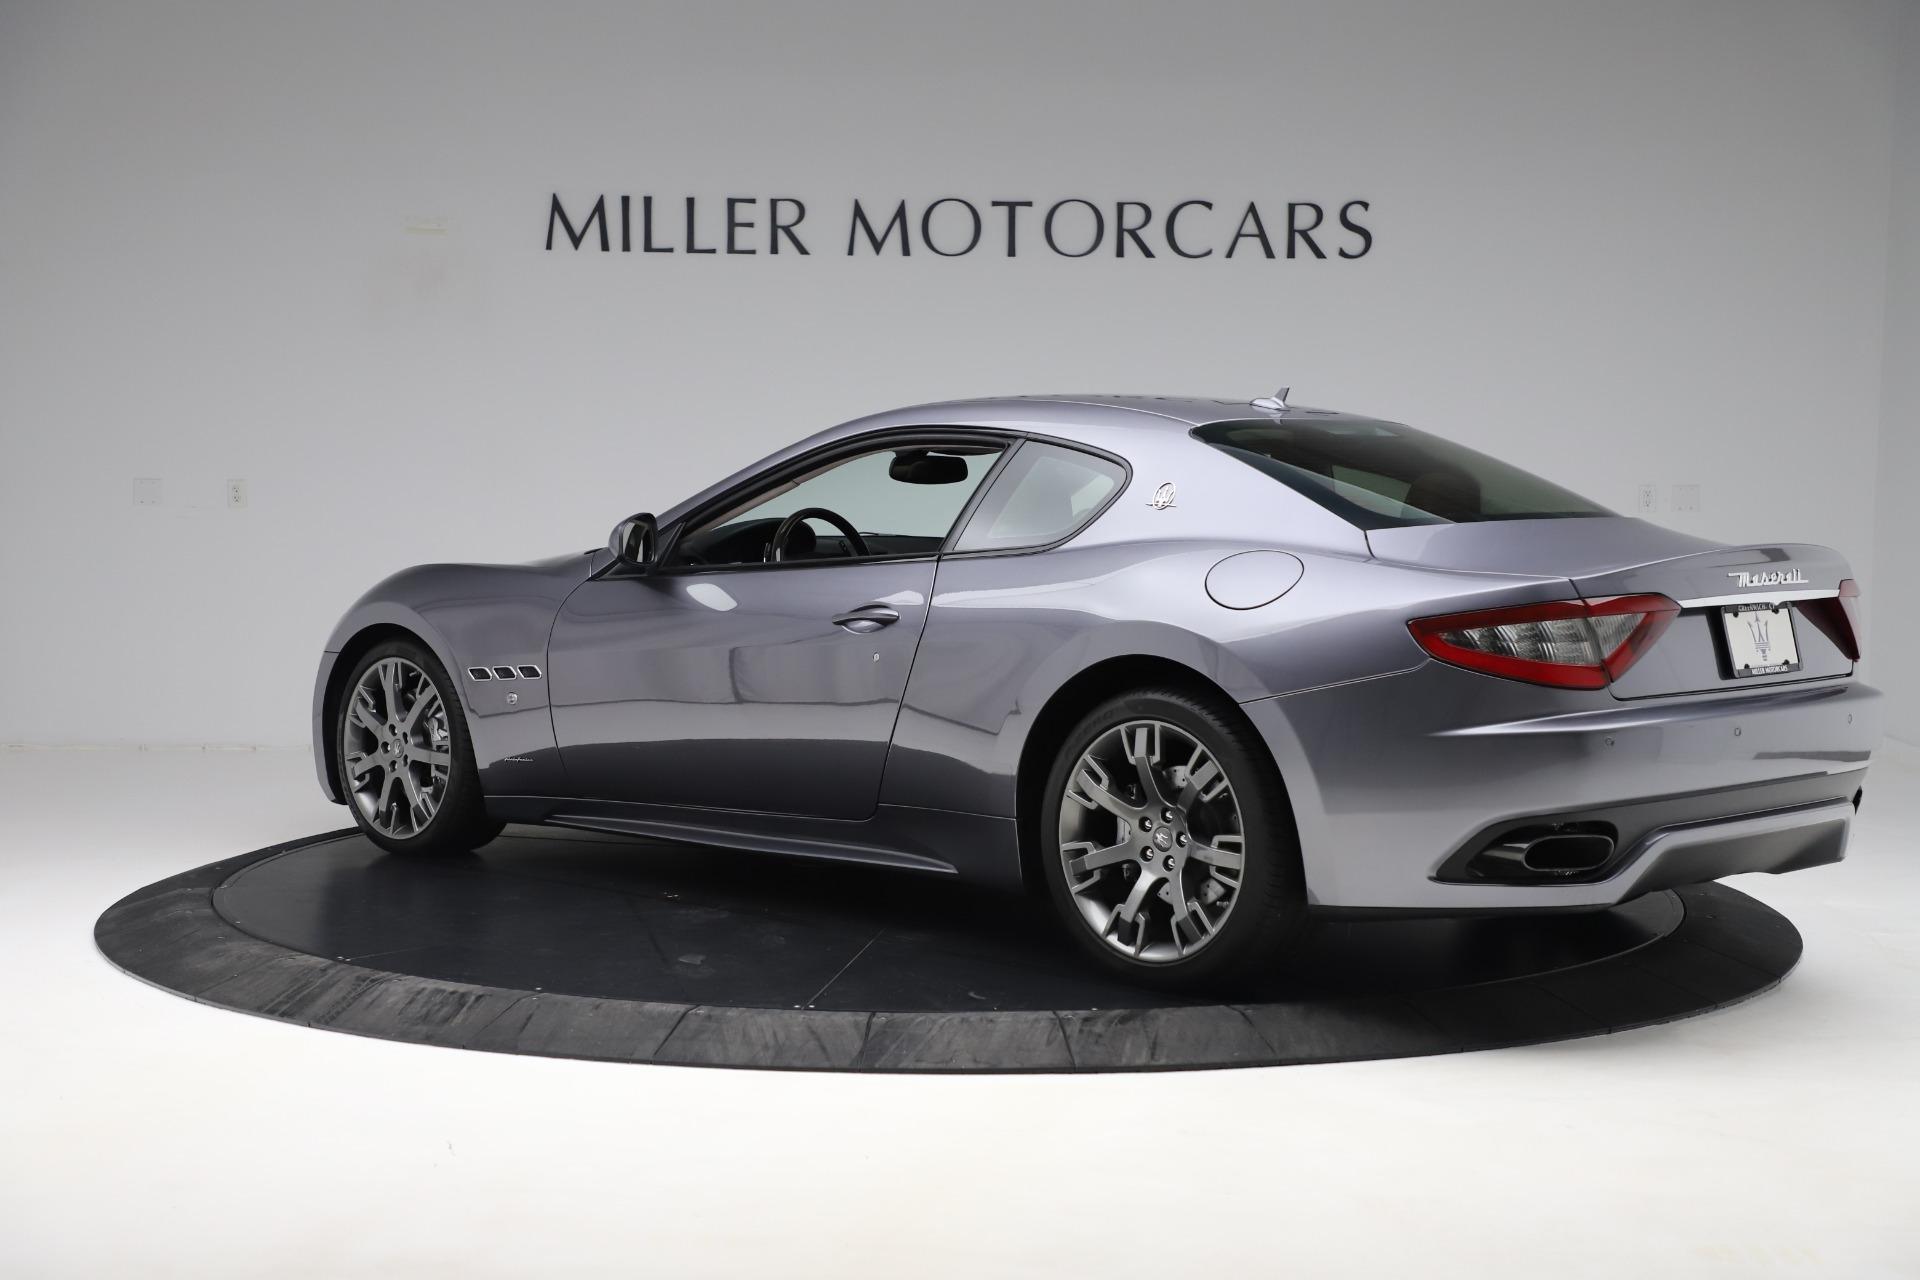 New 2016 Maserati GranTurismo Sport TEST DRIVE SPECIAL